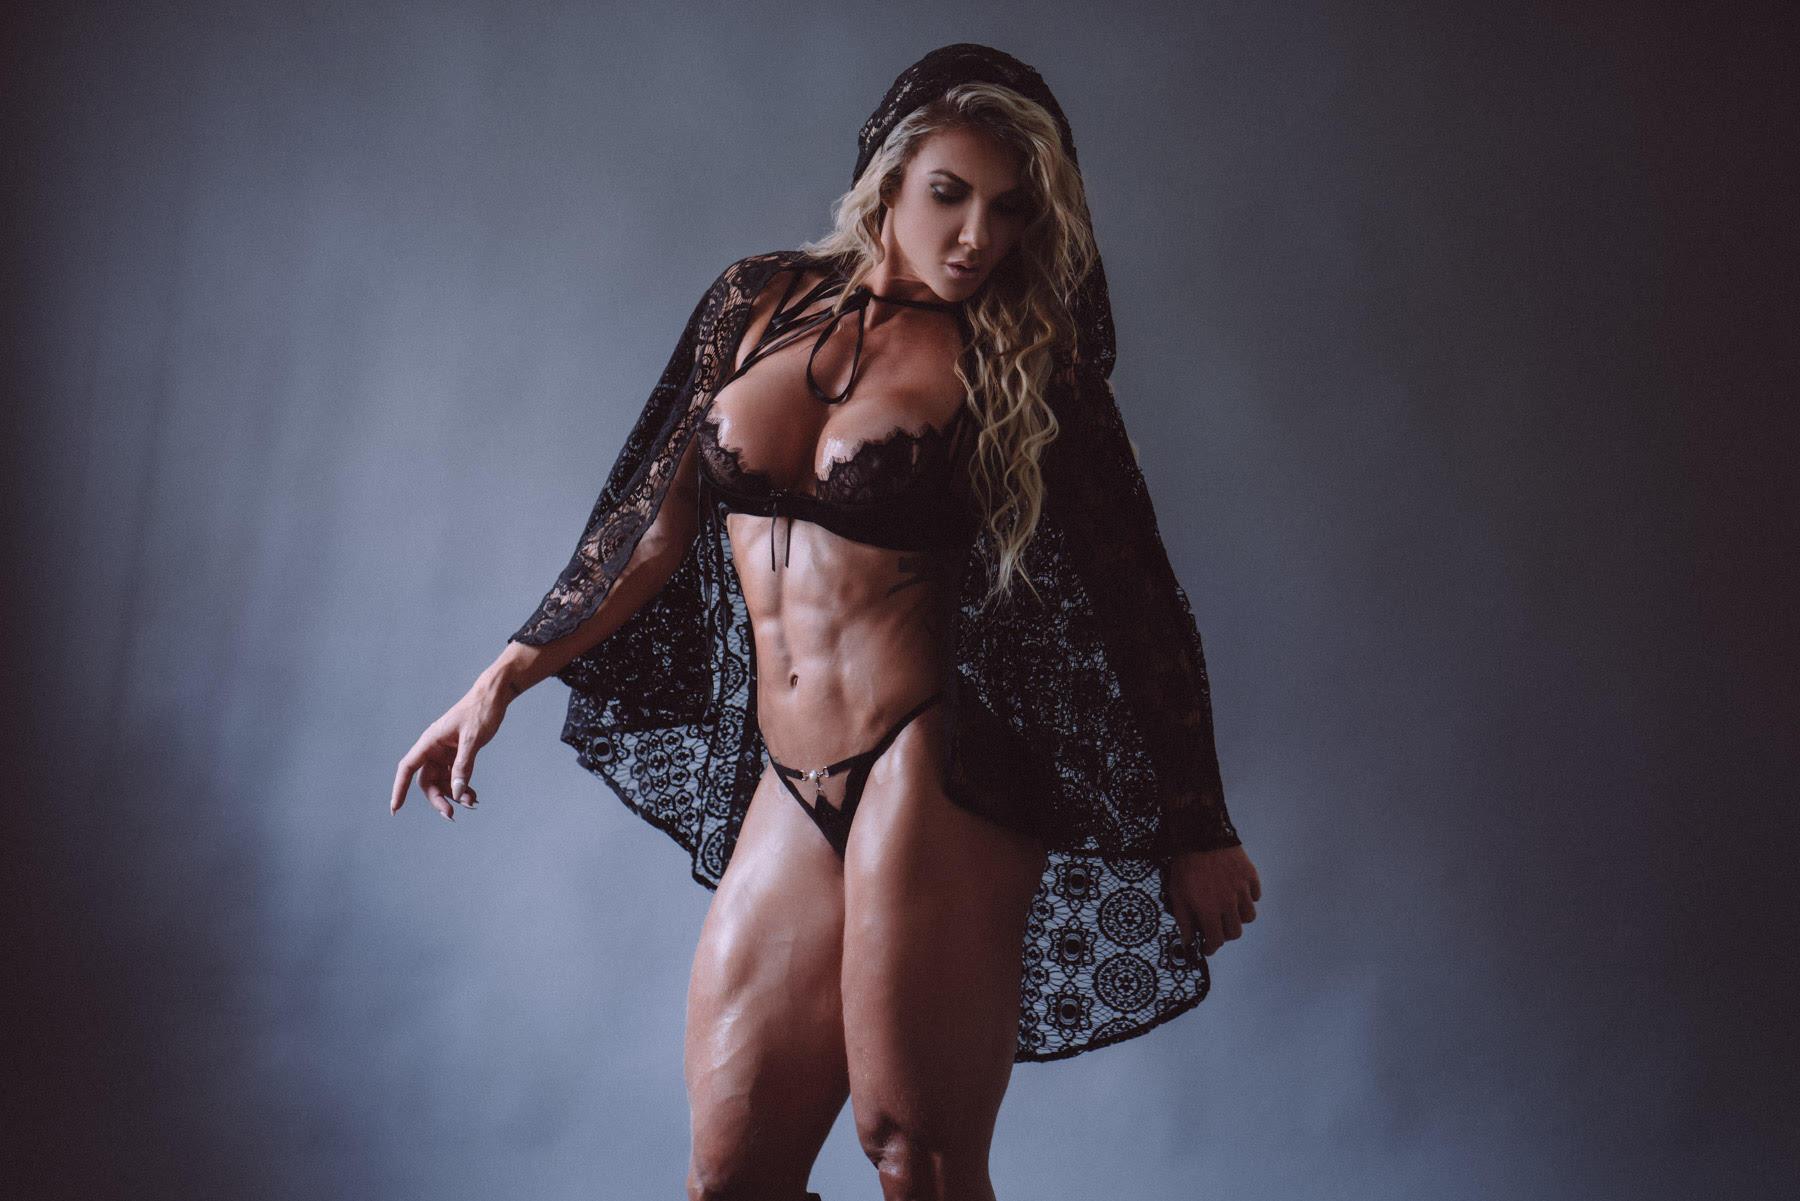 Ana Delia De Iturrondo Nude elaine ranzatto sexy women bodybuilder fitness model gallery